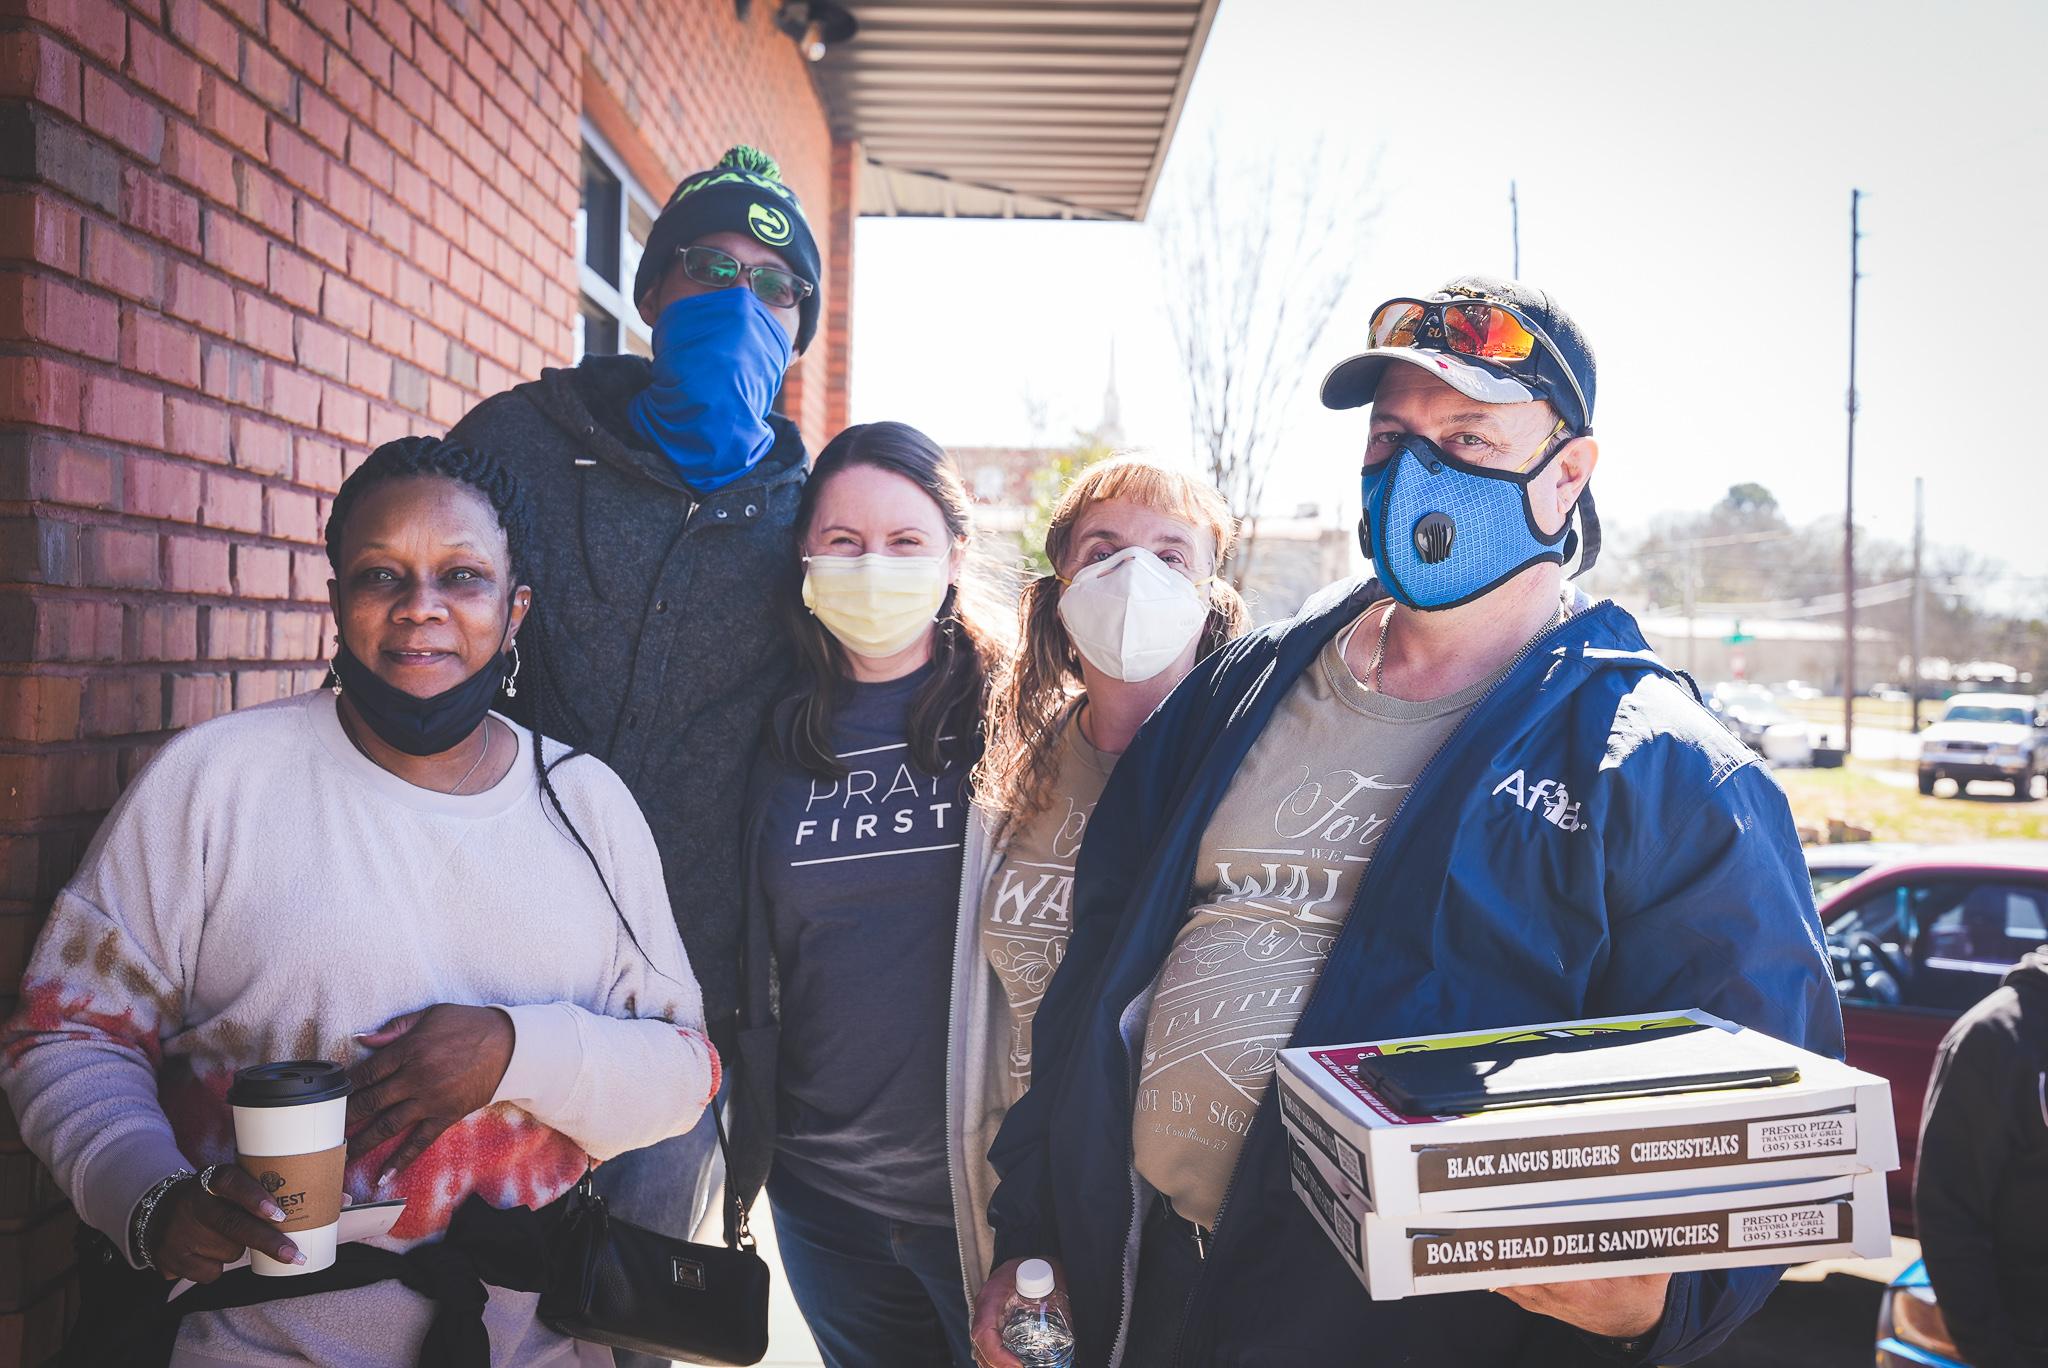 take the city outreach team